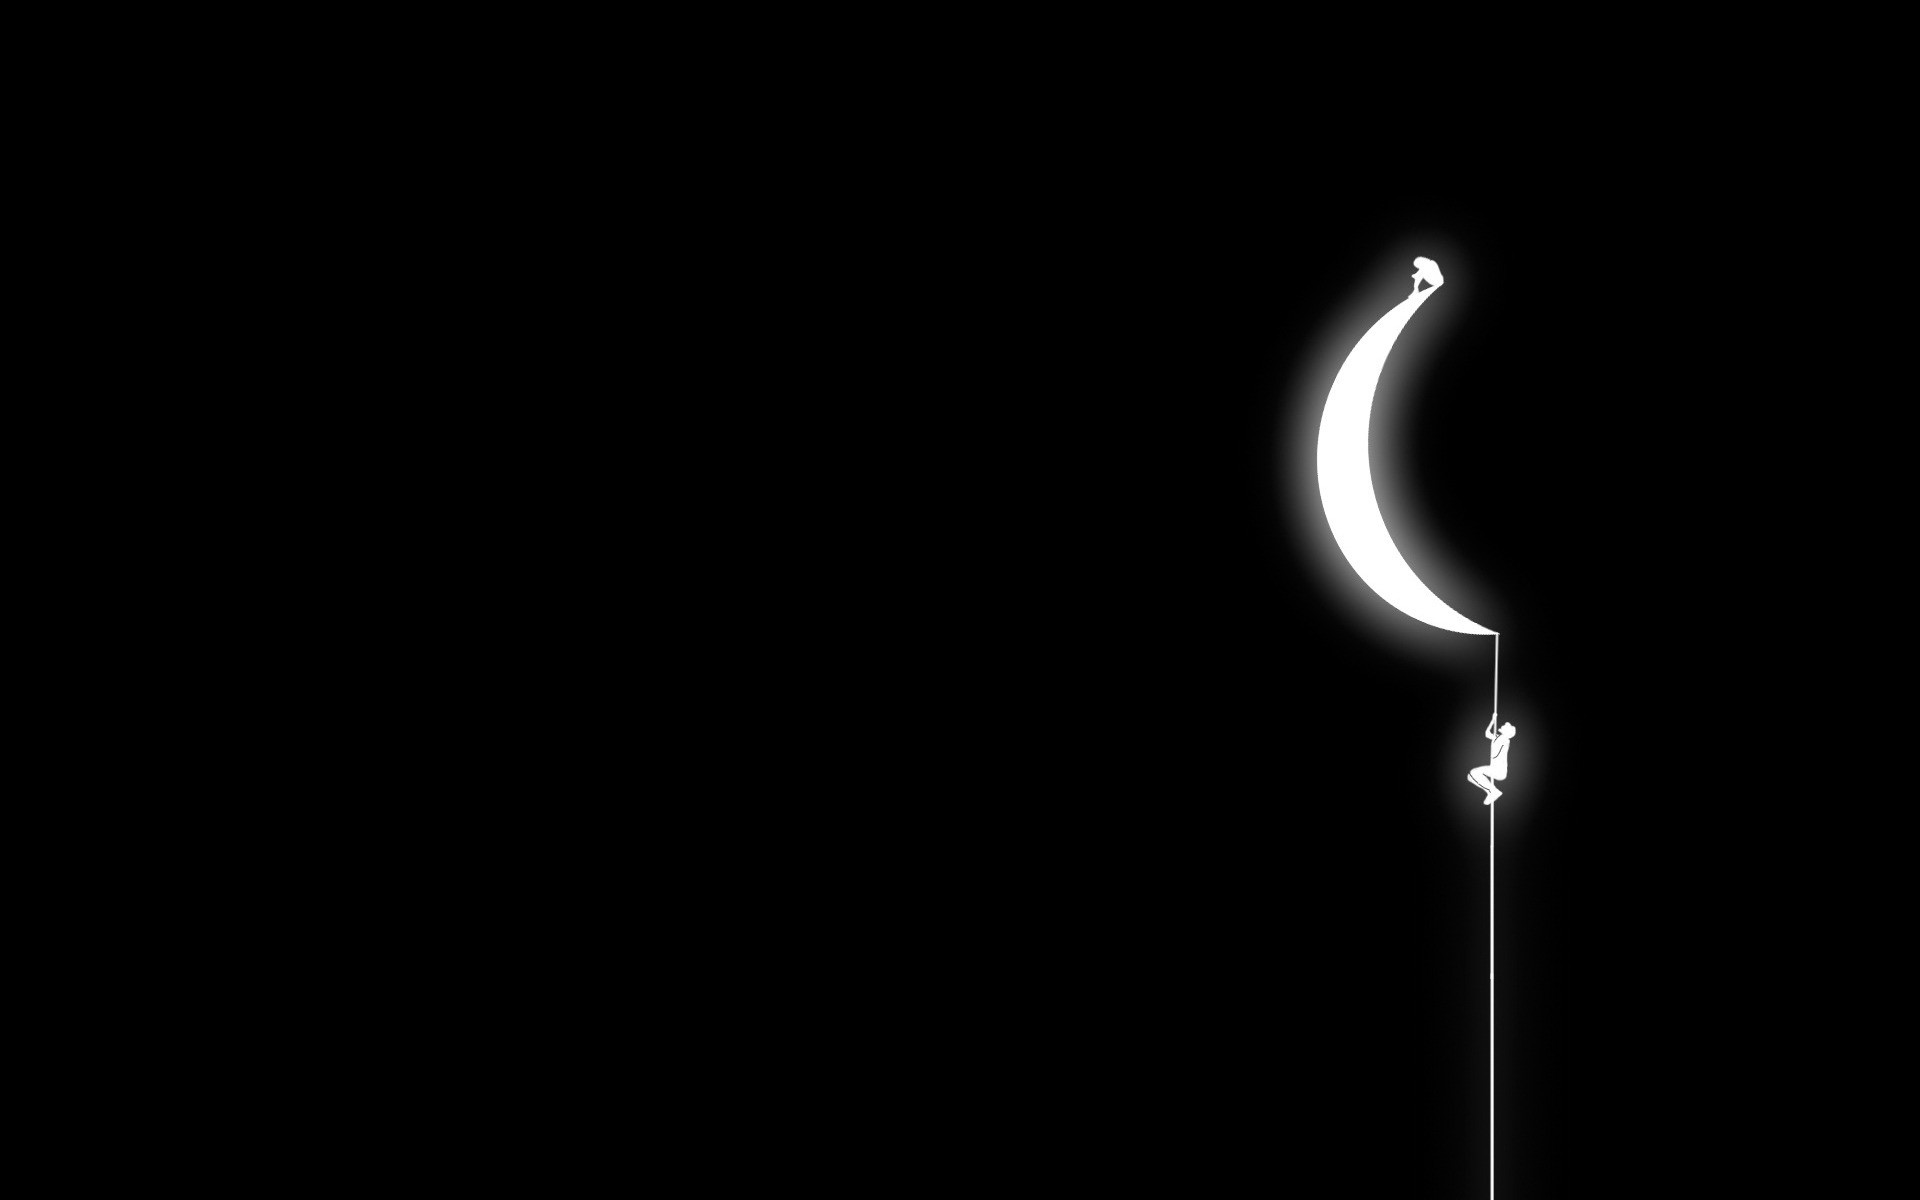 Hình nền máy tính đen trắng leo lên mặt trăng